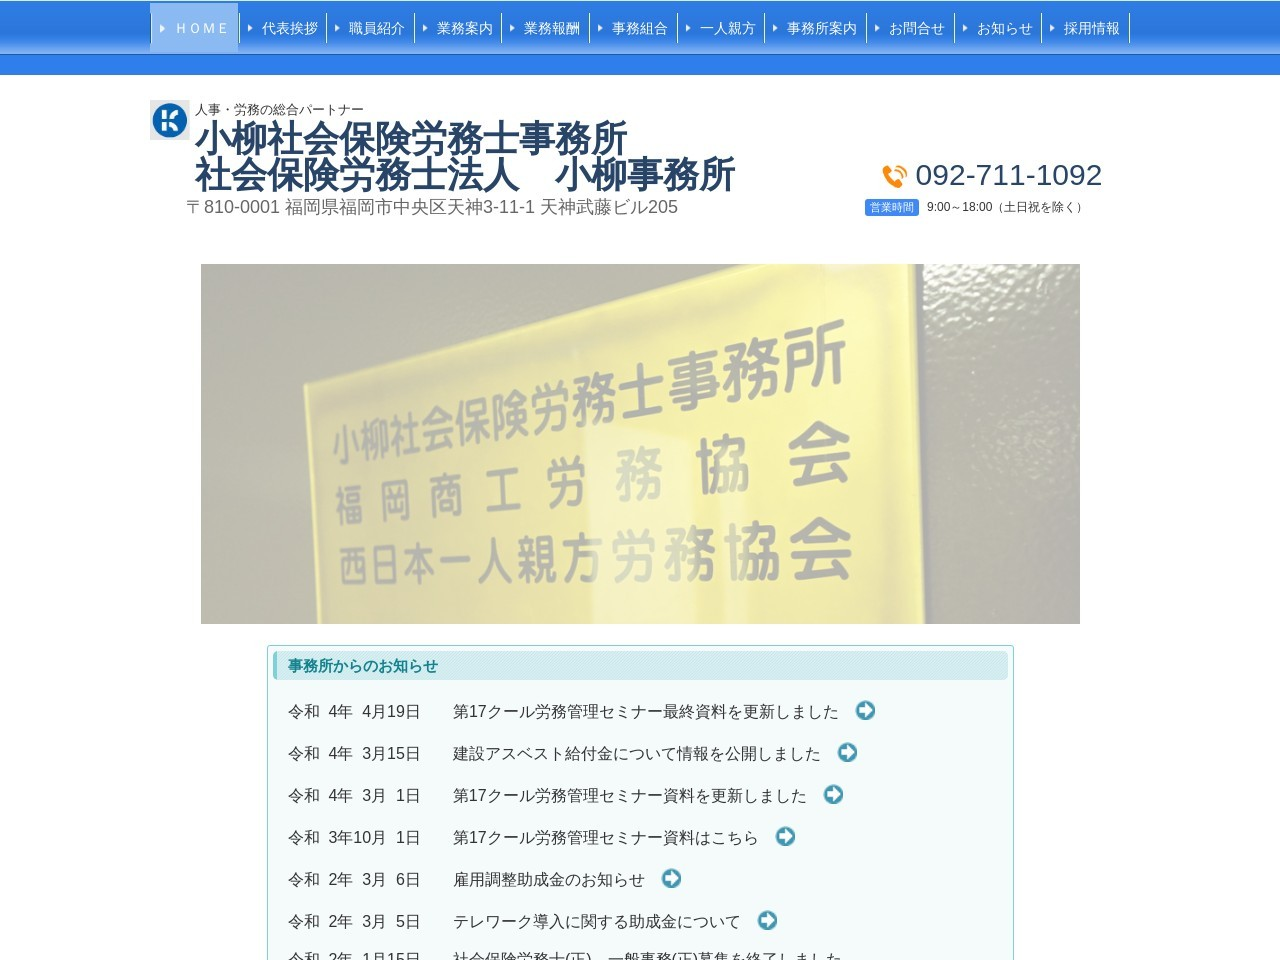 小柳社会保険労務士事務所